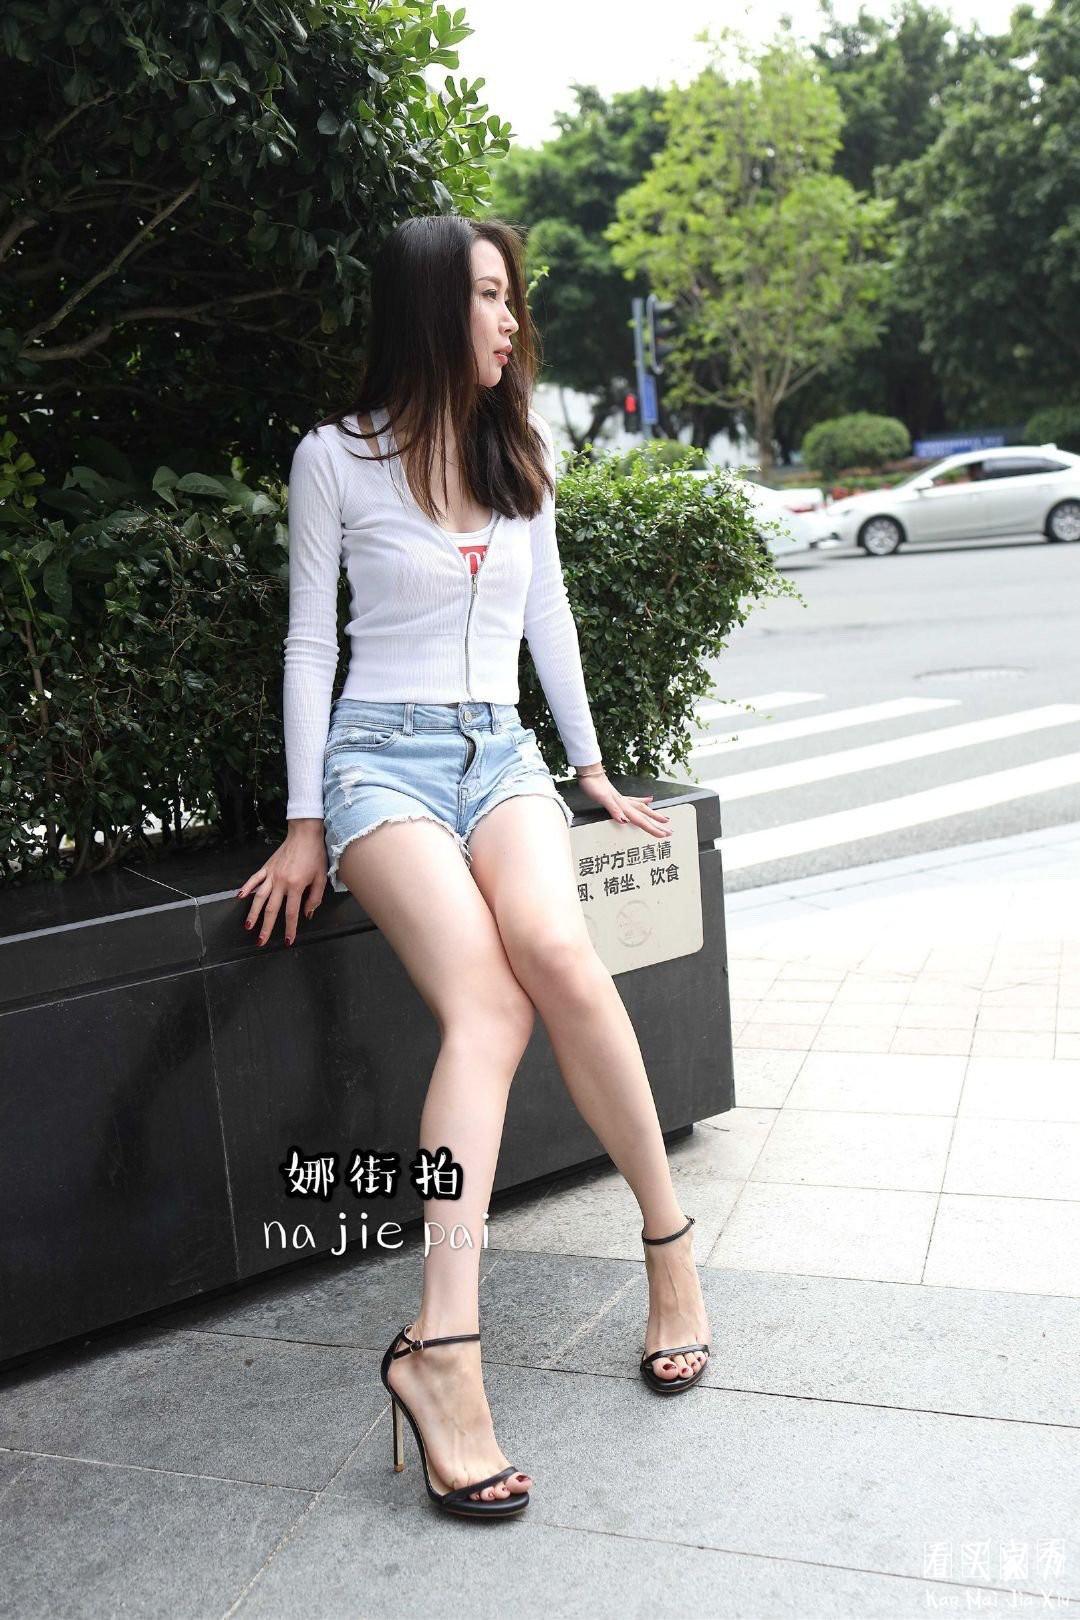 [街拍美女]娜街拍大尺度超短热裤蜜桃臀美女,这臀部流线,堪称魔鬼身材1